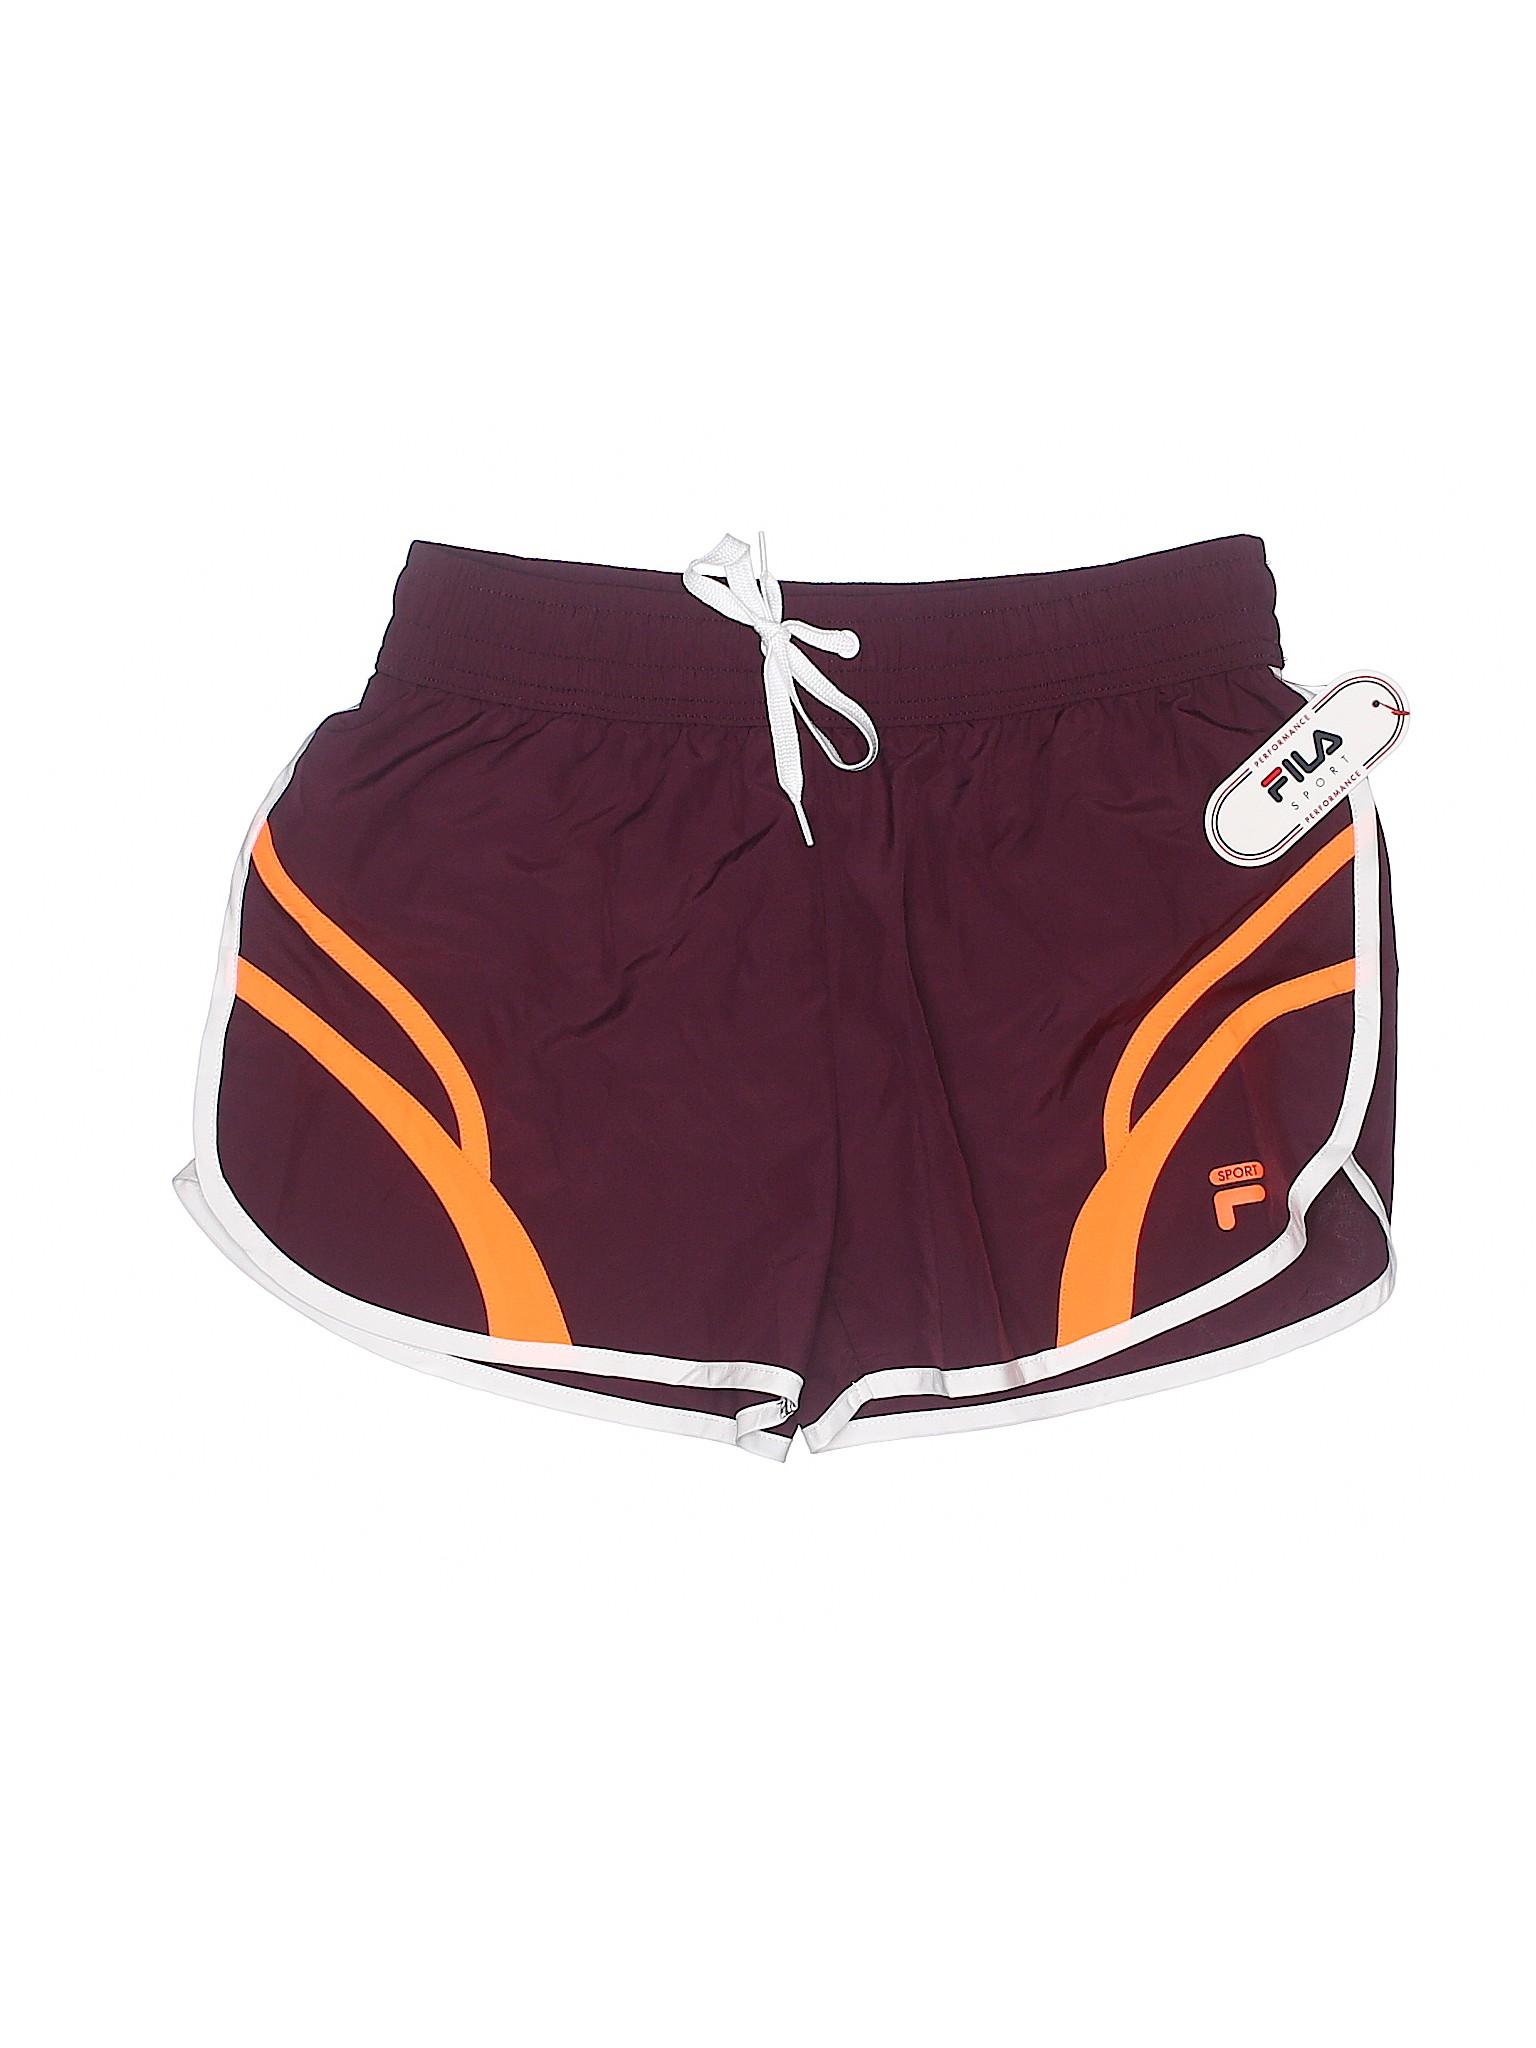 Shorts Boutique Boutique Boutique Fila Athletic Boutique Shorts Athletic Fila Shorts Fila Athletic 6AKdqOw0f0